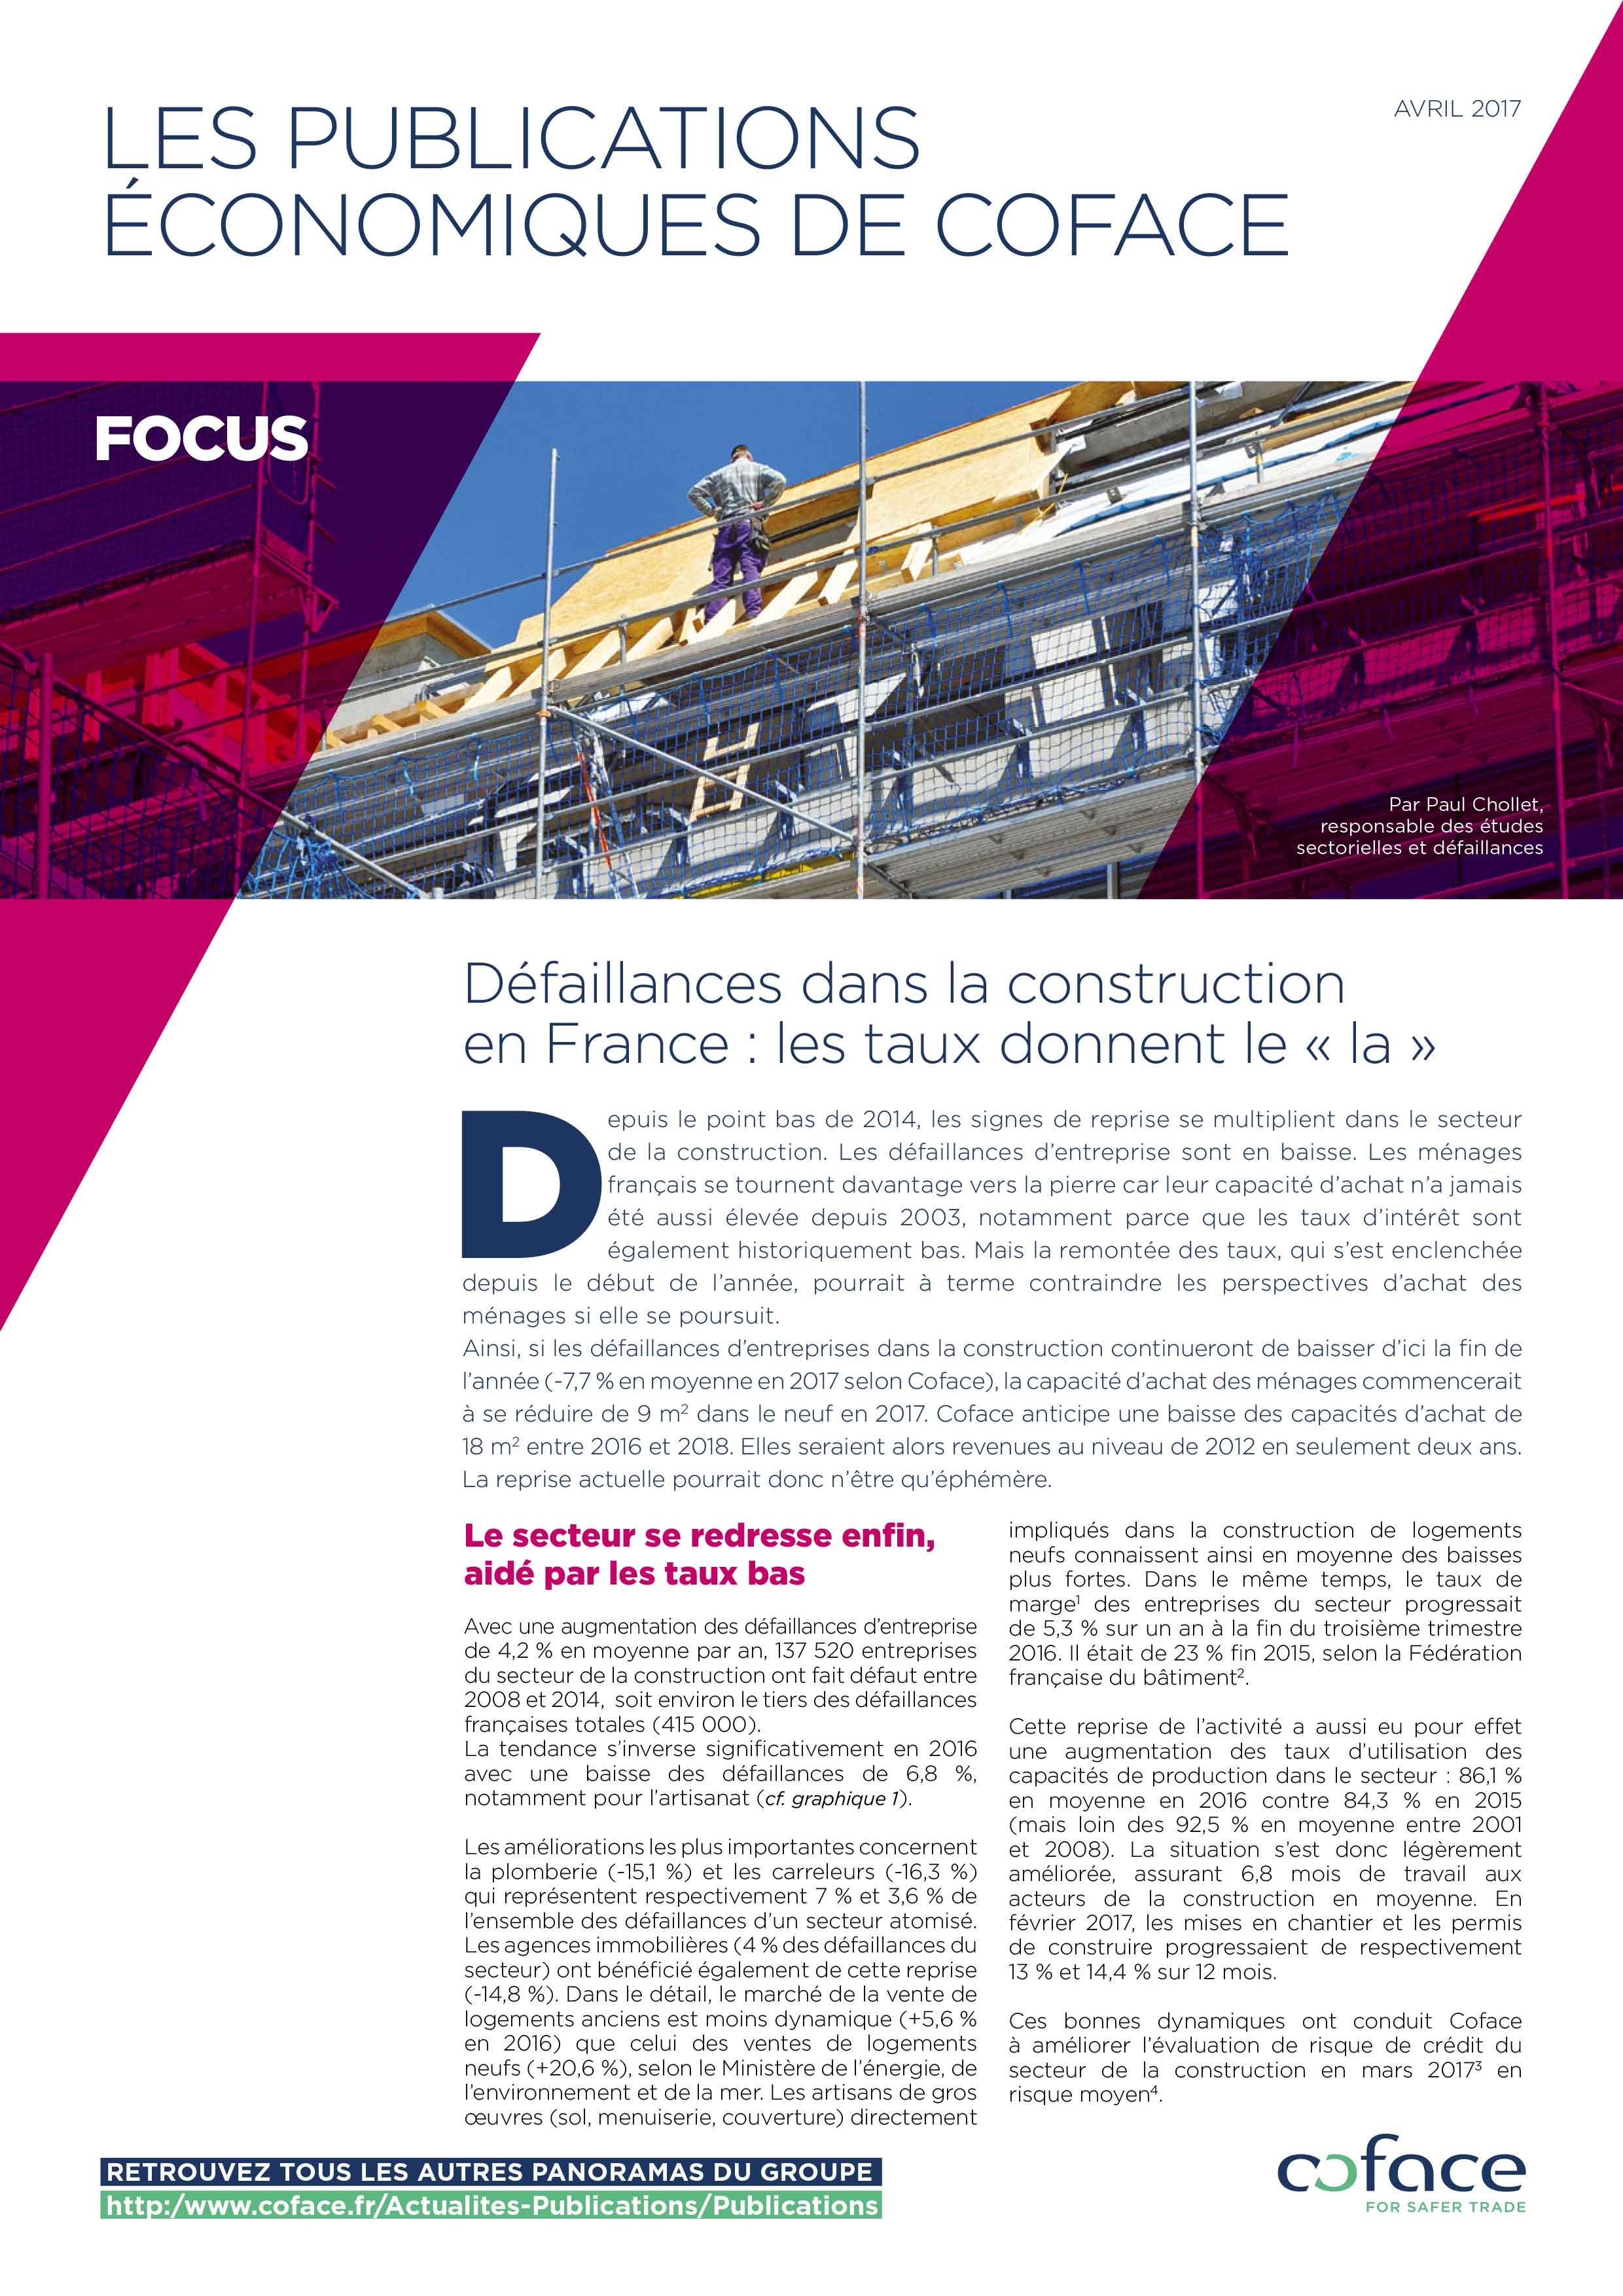 Défaillances dans la construction en France : les taux donnent le « la »